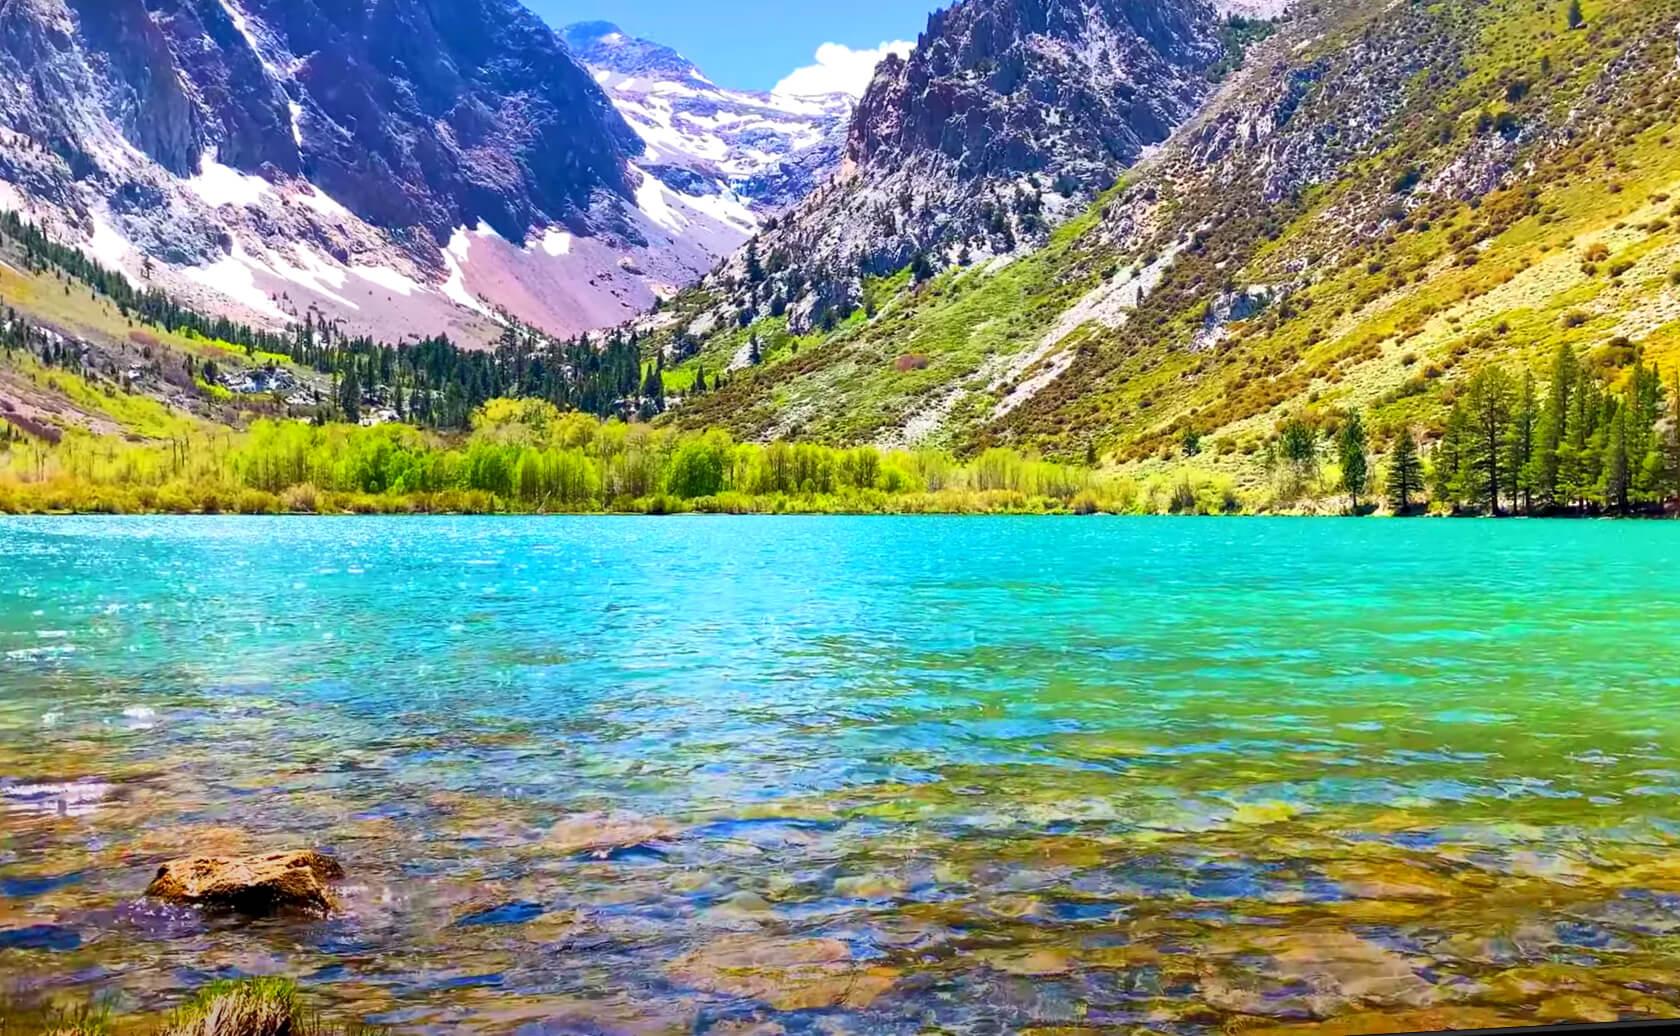 June-Lake-Fishing-Guide-Report-California-05